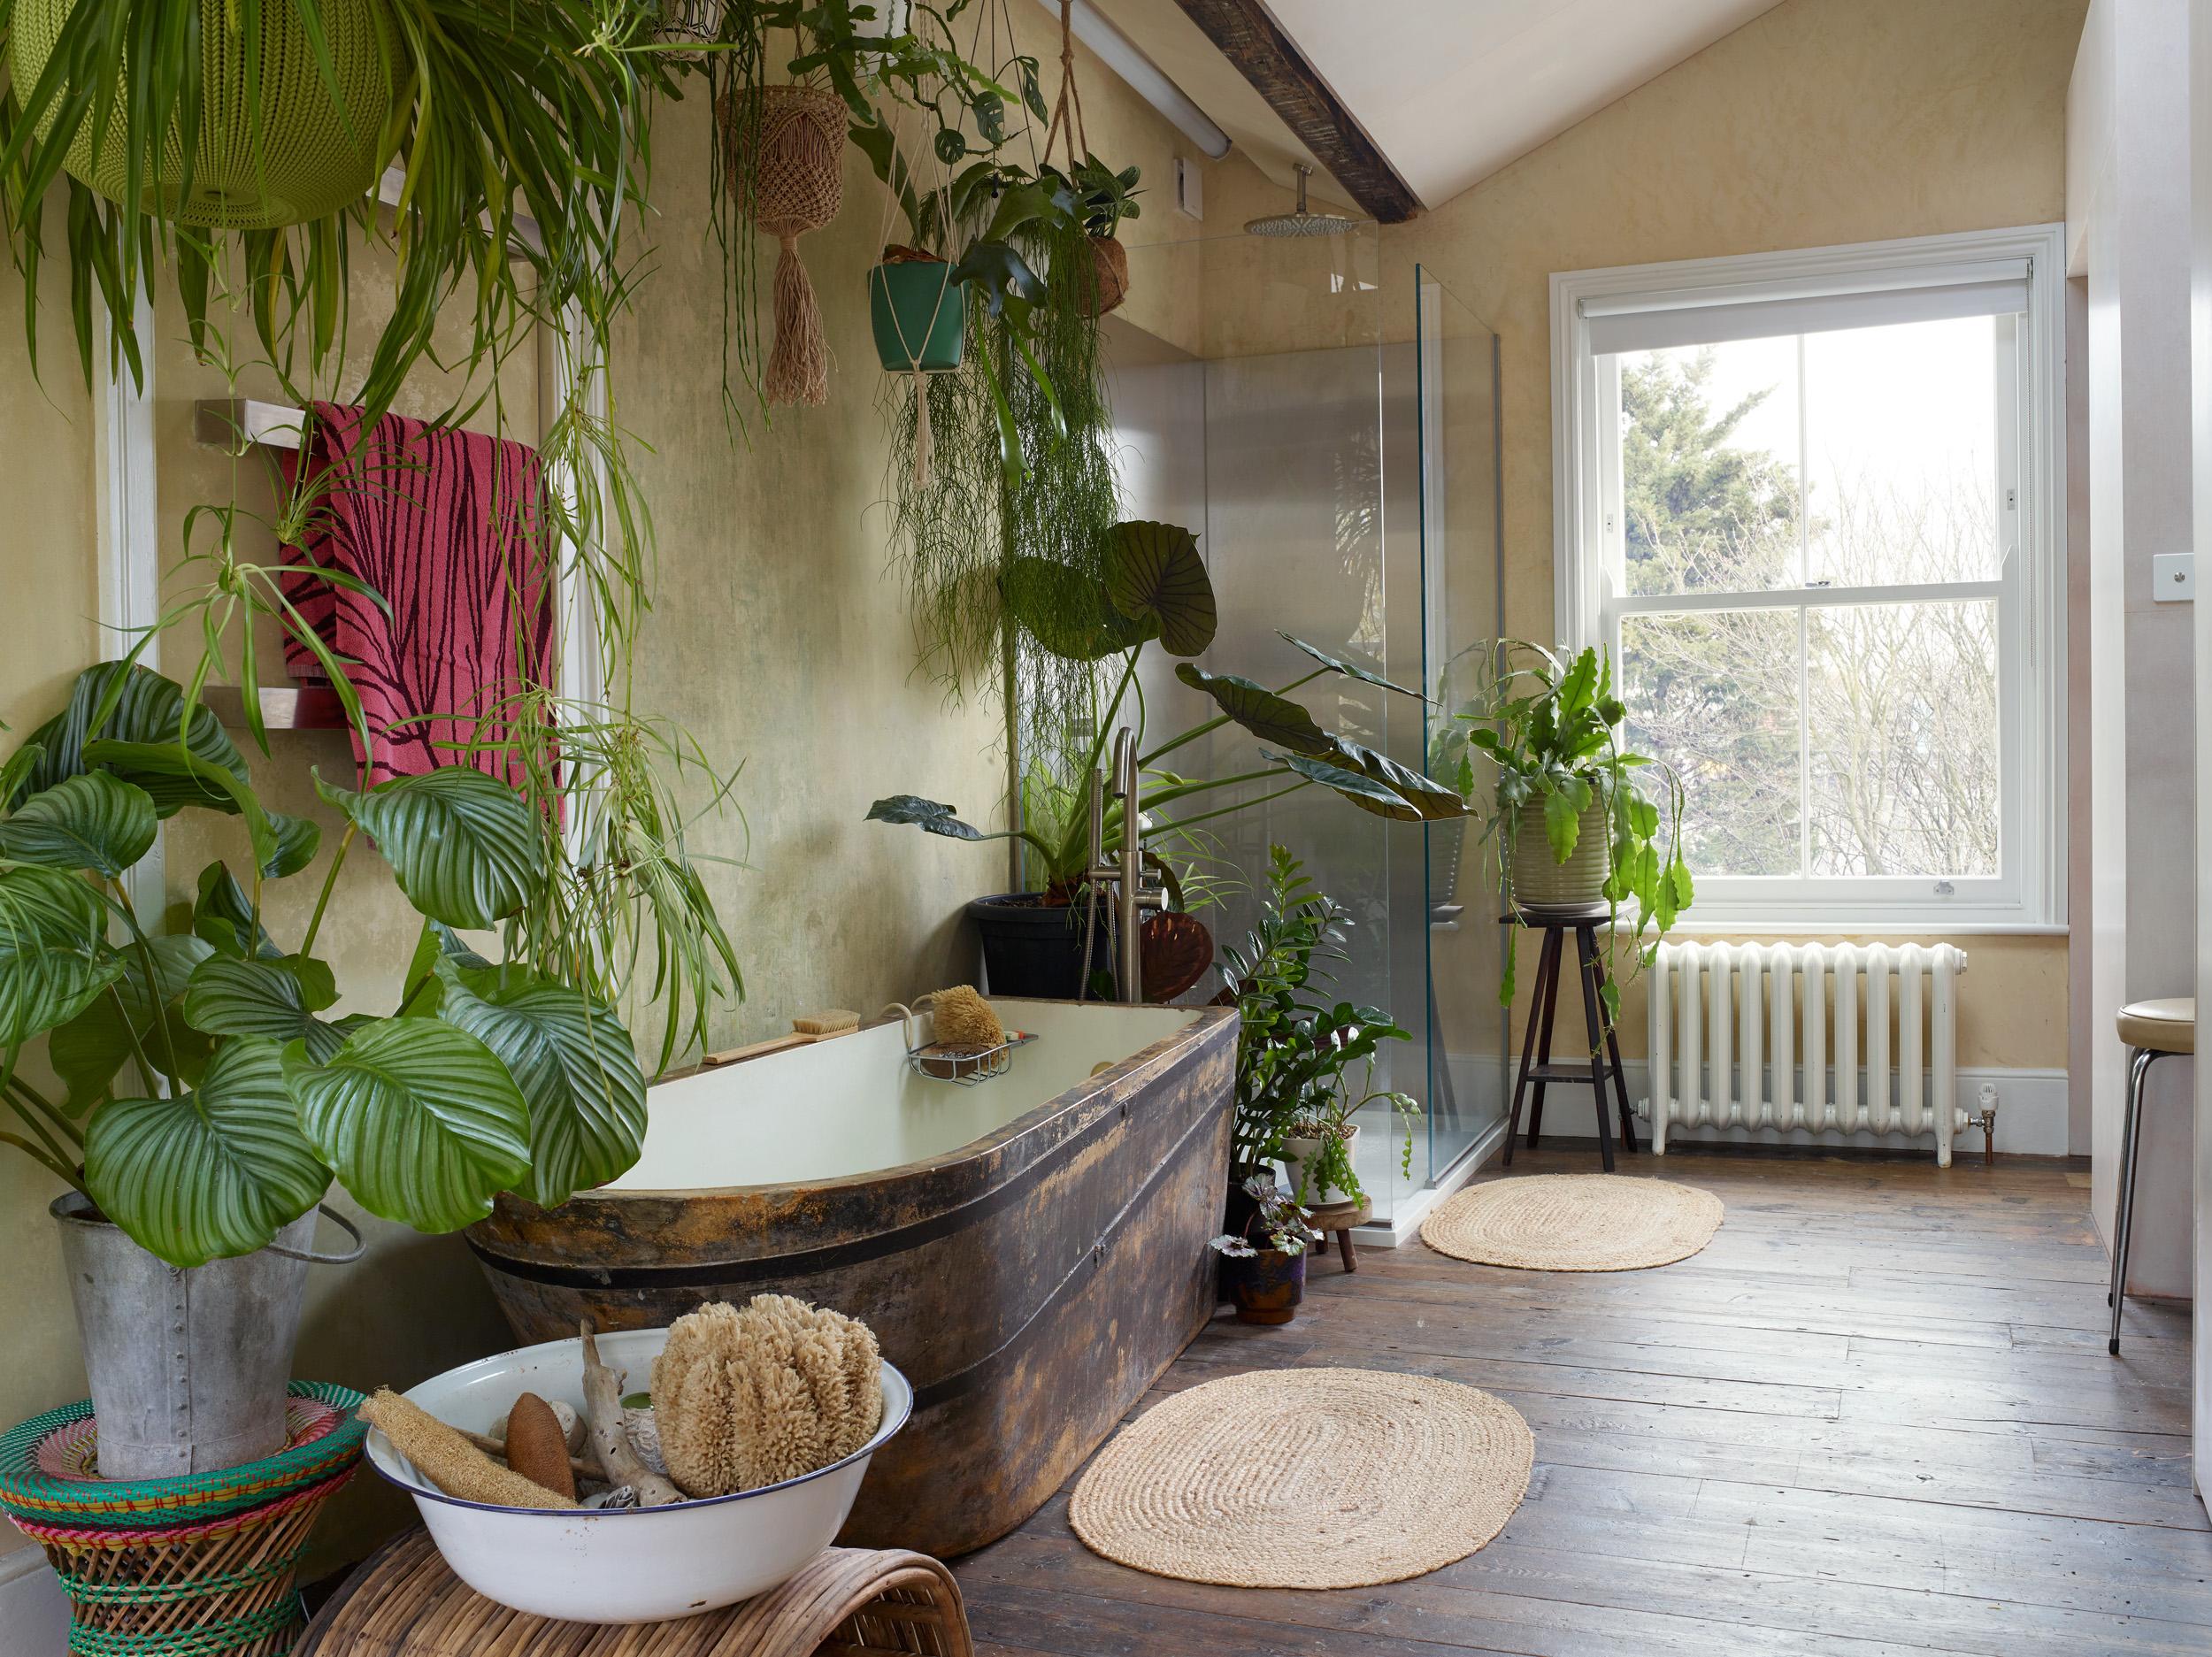 rachael-smith-interiors-14122019-004